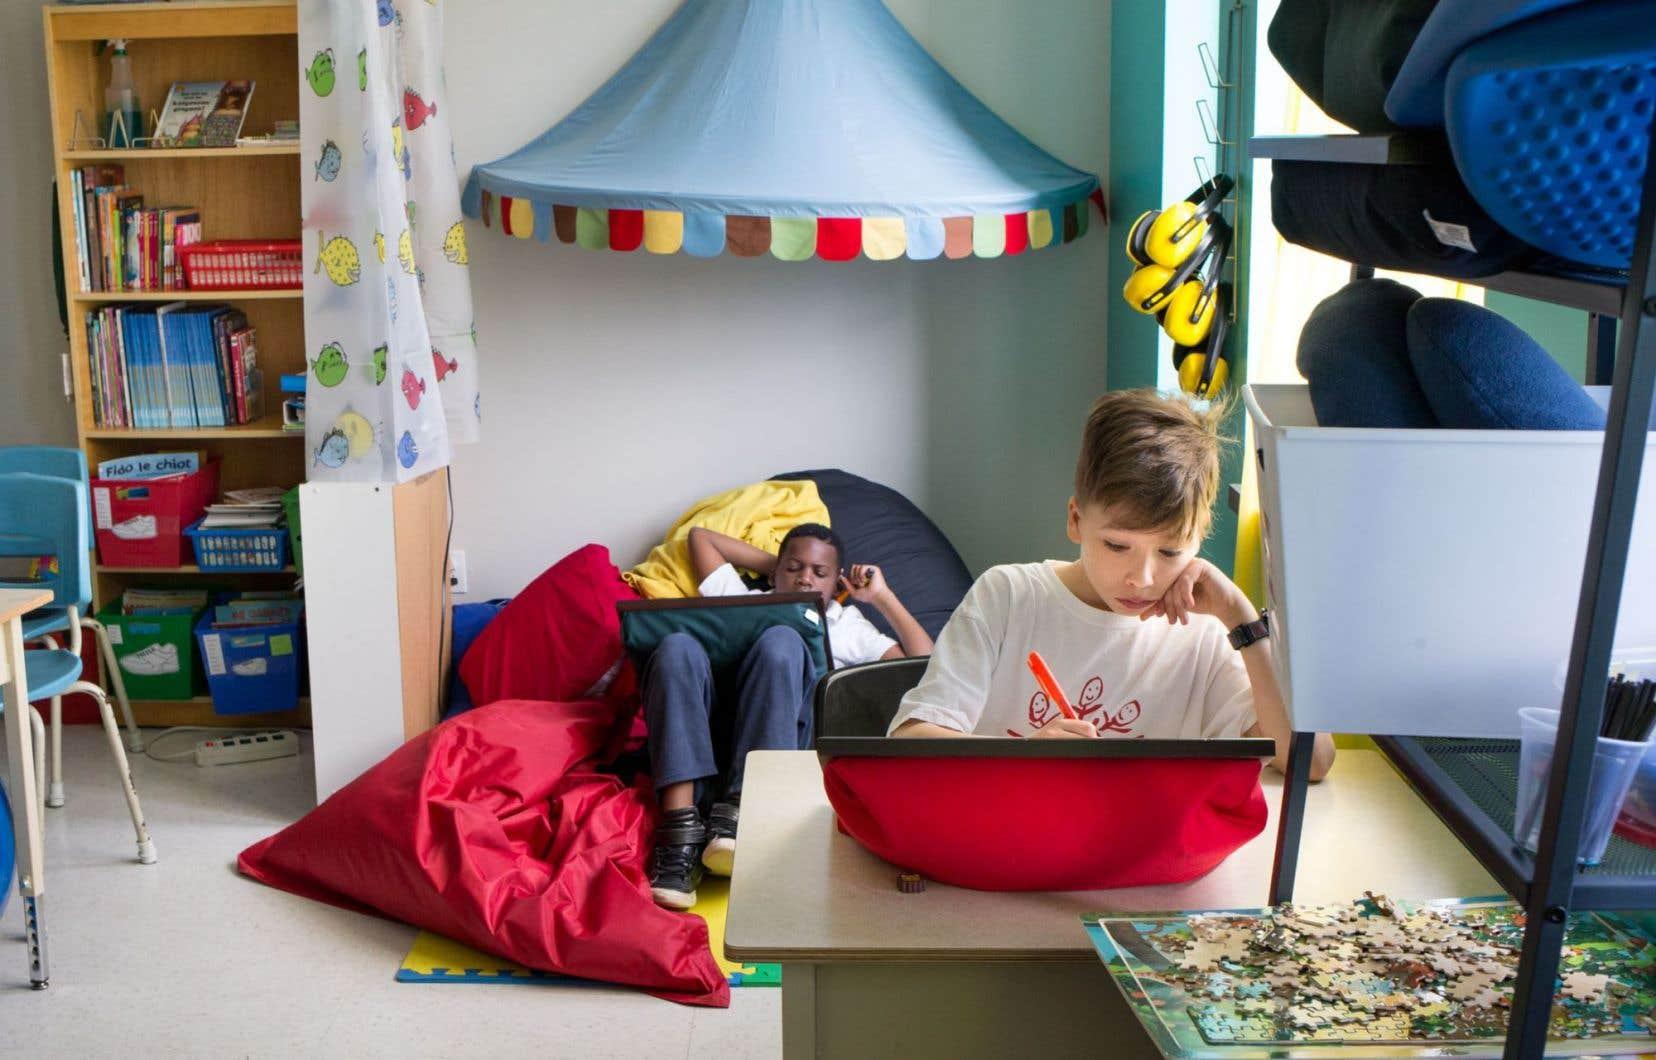 La classe de MmeMarjolaine, au centre pédagogique Lucien-Guilbault, est lumineuse, colorée et confortable pour permettre aux élèves de se concentrer davantage dans la position de leur choix.